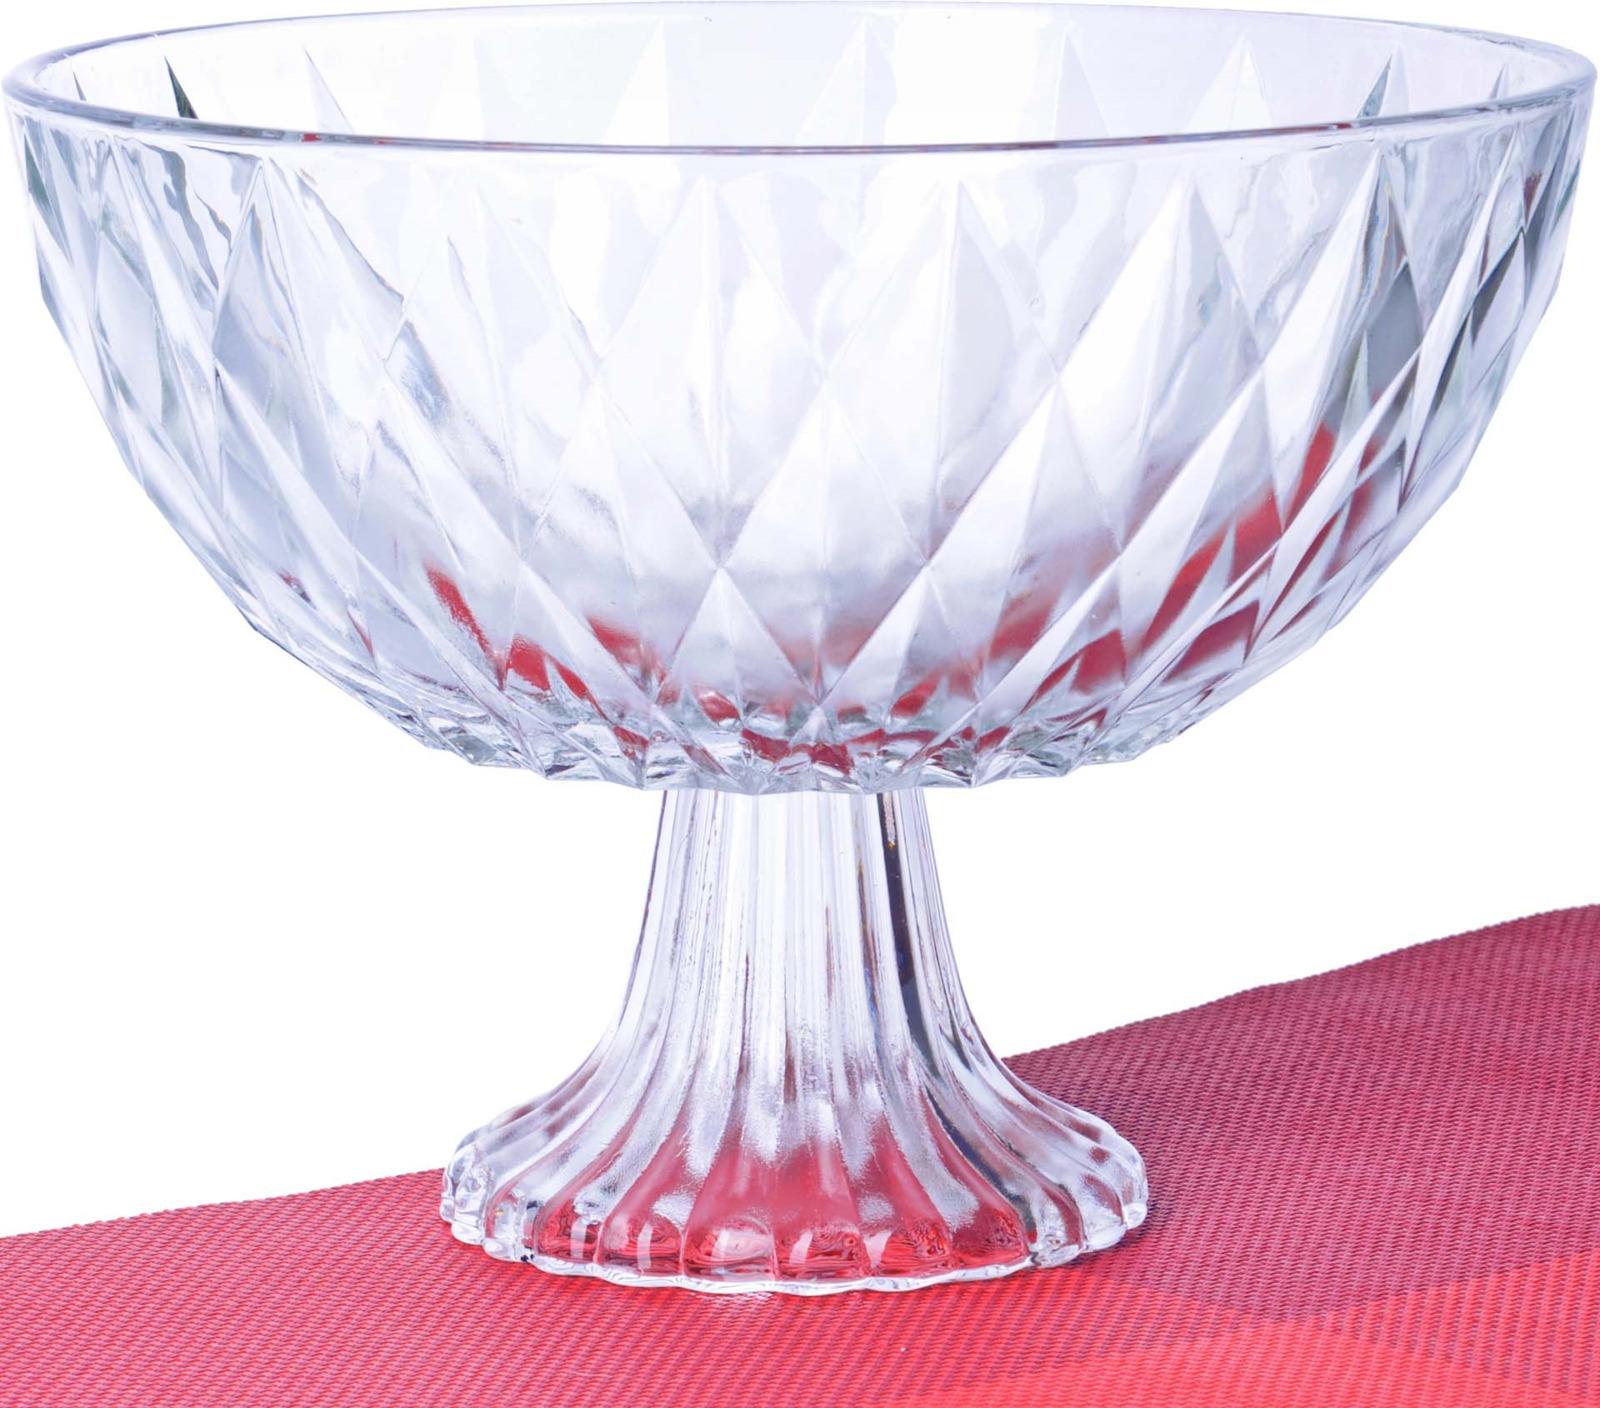 Глубокая ваза для фруктов Loraine выполнена из высококачественного стекла. Изделие декорировано изящным резным рельефом и сочетает в себе изысканный дизайн с максимальной функциональностью. Оформление вазы придется по вкусу ценителям классики и изящности. Ваза для фруктов Loraine послужит отличным подарком к любому празднику, а также добавит элегантности и уюта любому праздничному столу! Посуда обладает гладкой непористой поверхностью и не впитывает запахи, ее легко и просто мыть. Подходит для мытья в посудомоечной машине.